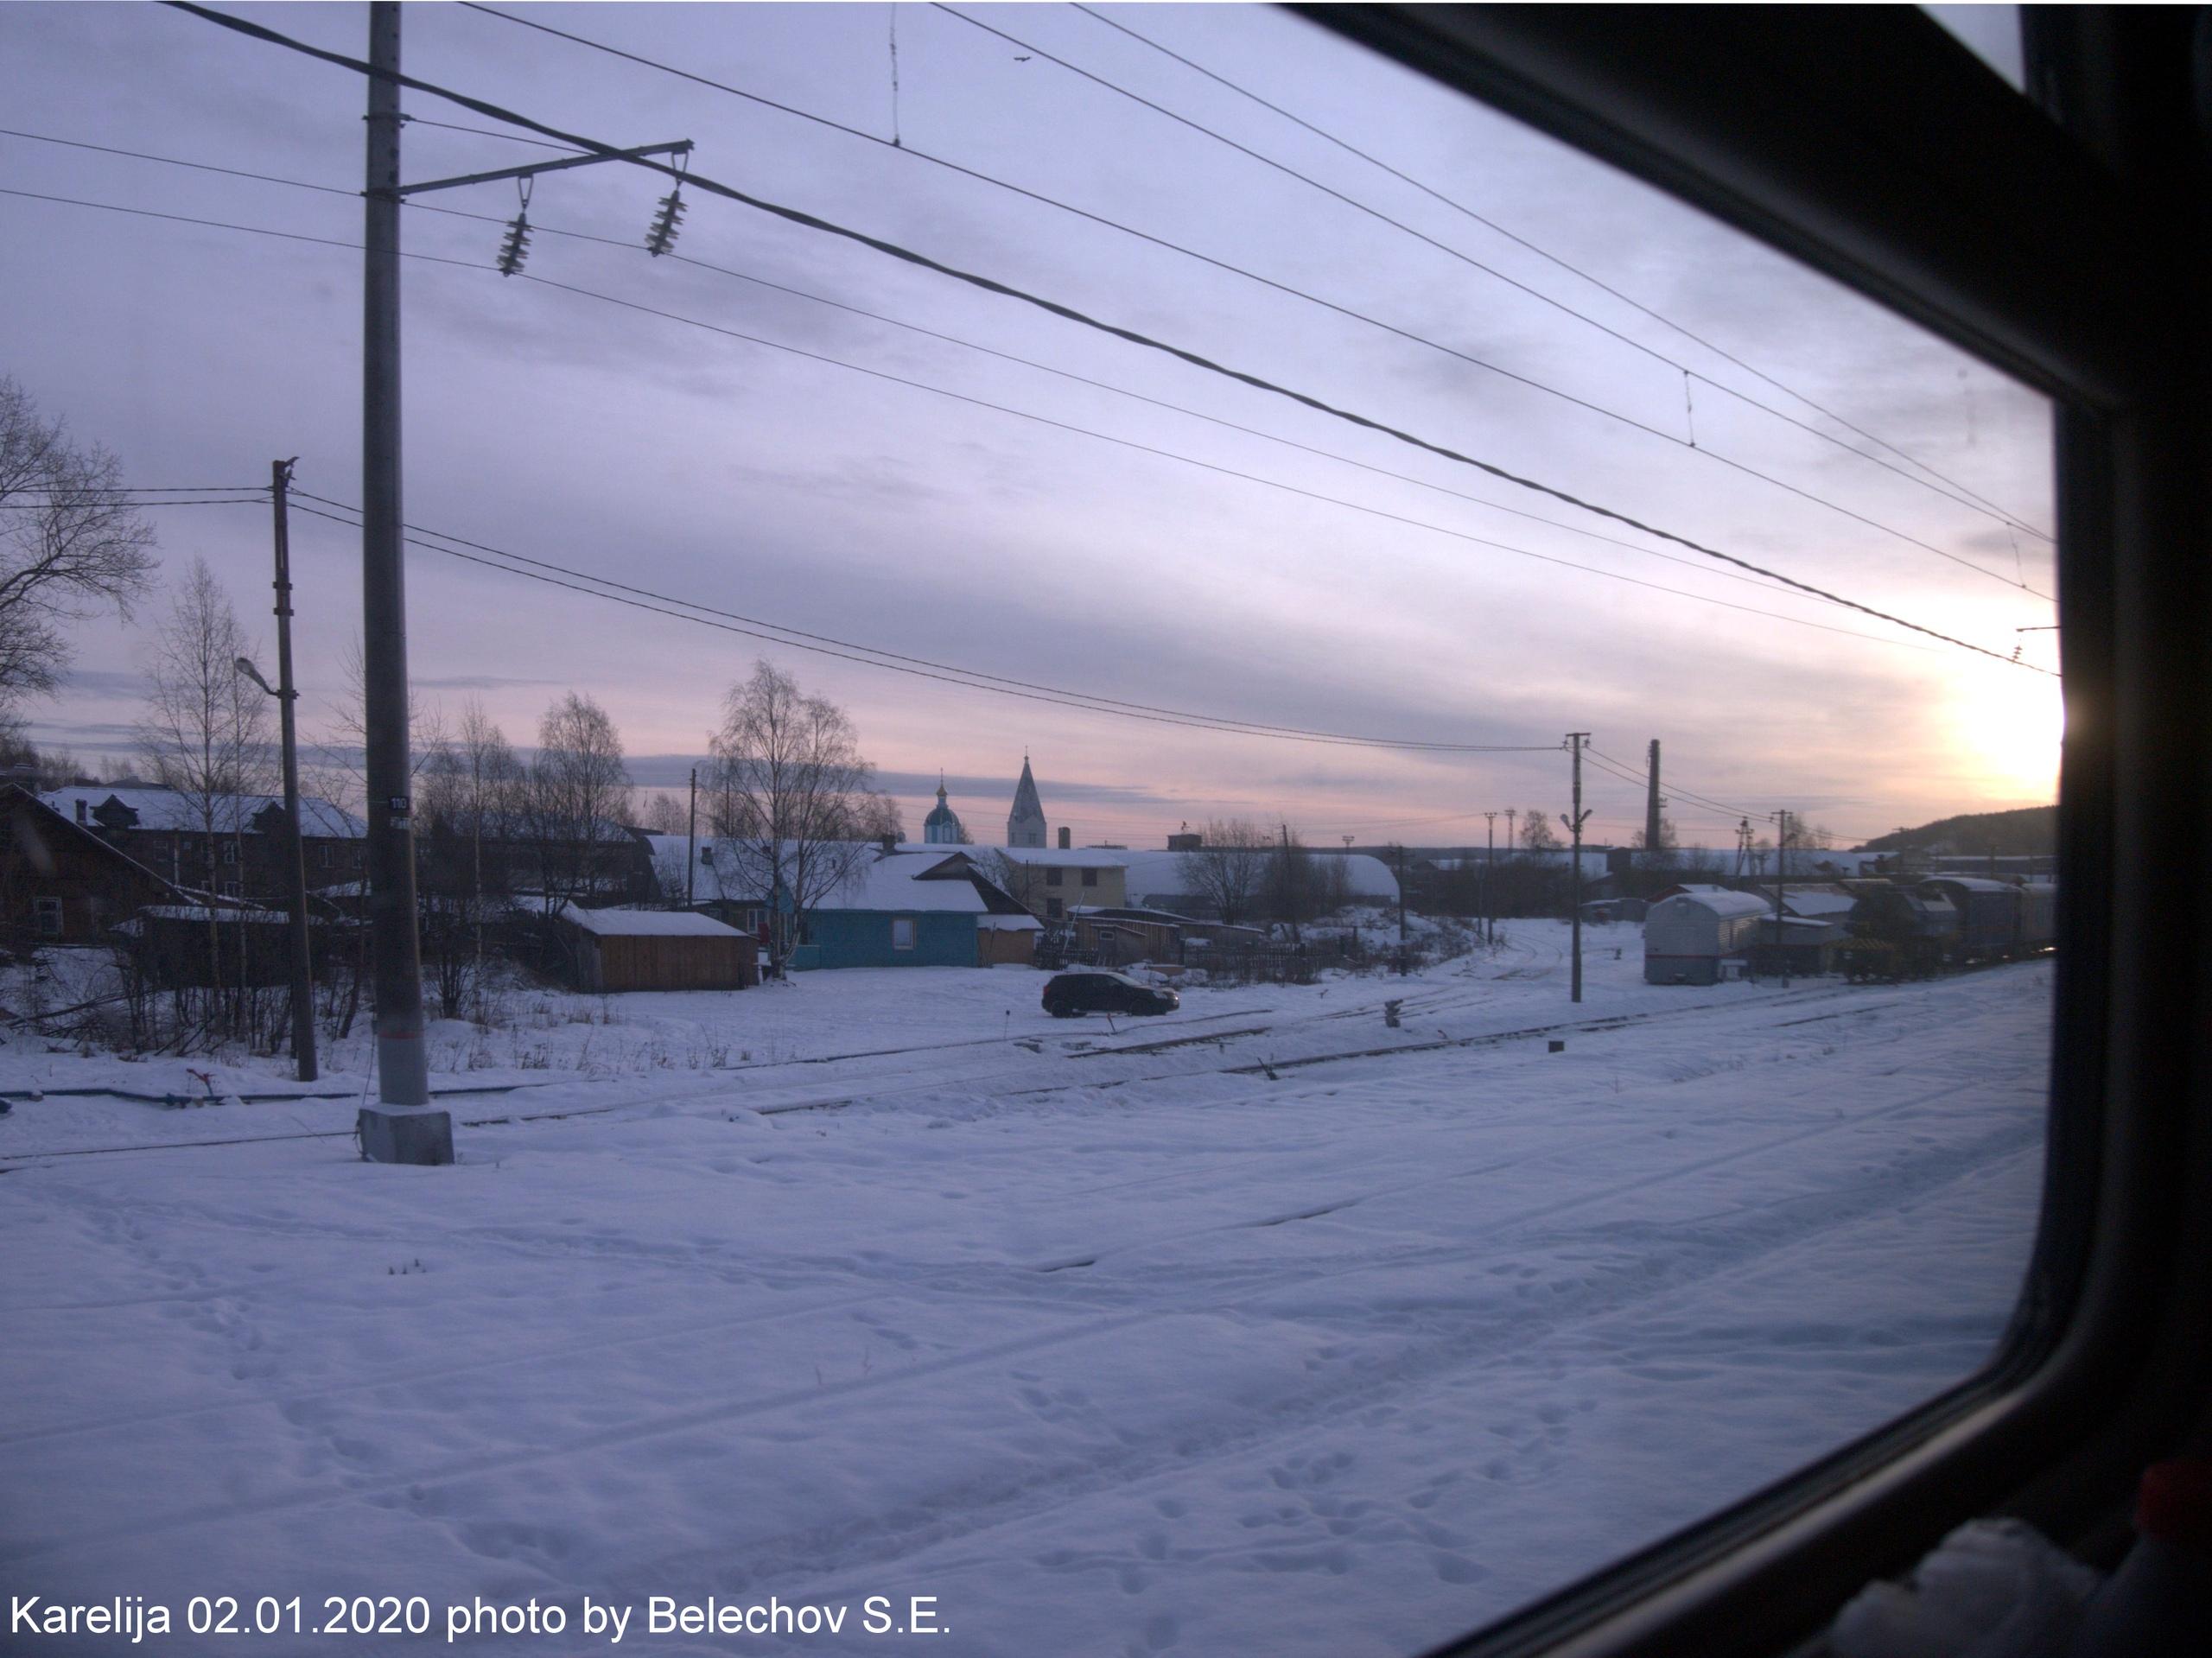 Карелия, Медвежьегорск, железная дорога